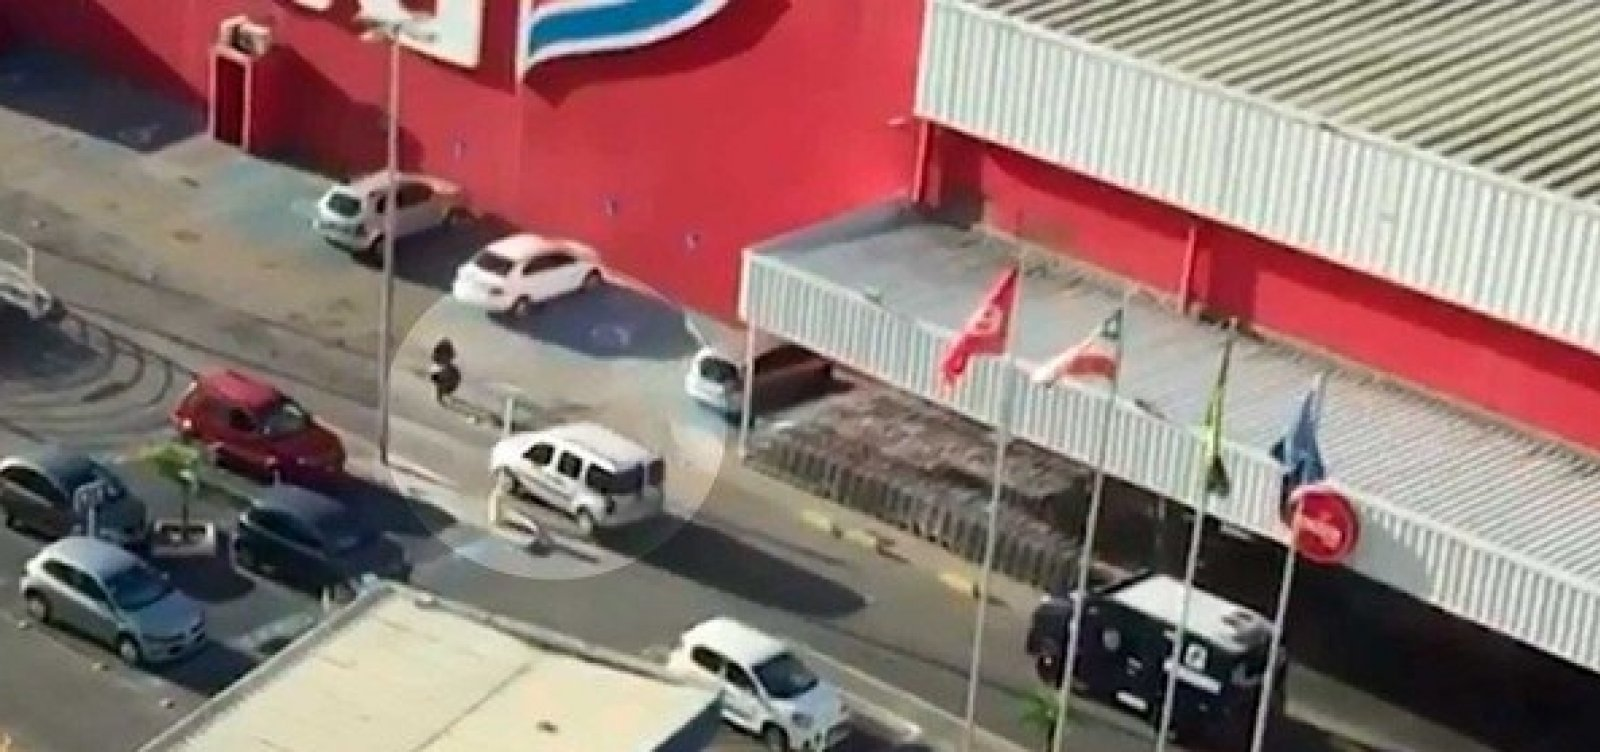 [Assalto a carro-forte em estacionamento do Extra já é oitavo neste ano, em Salvador]